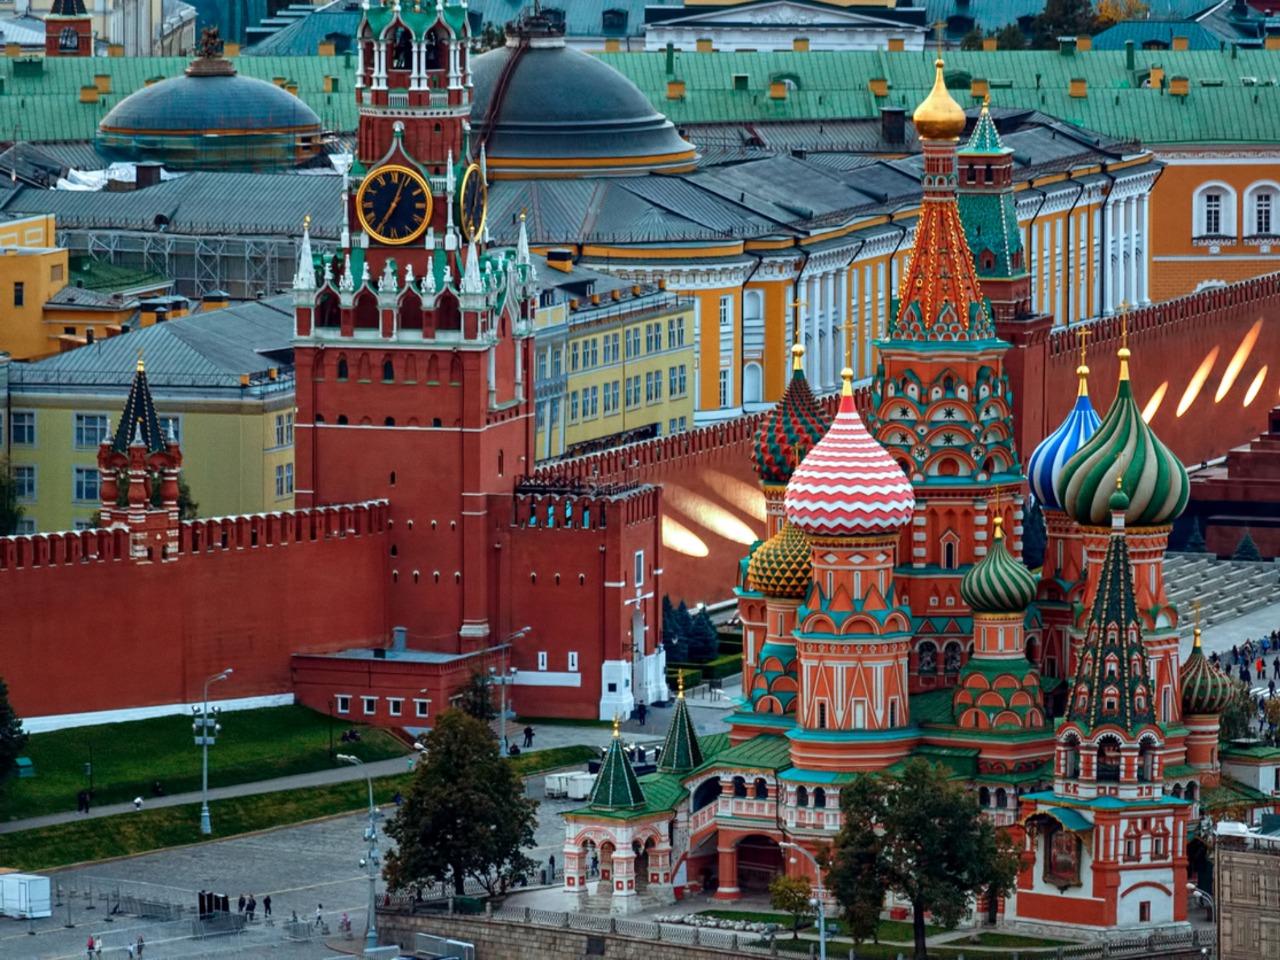 Вокруг Кремля - групповая экскурсия по Москве от опытного гида